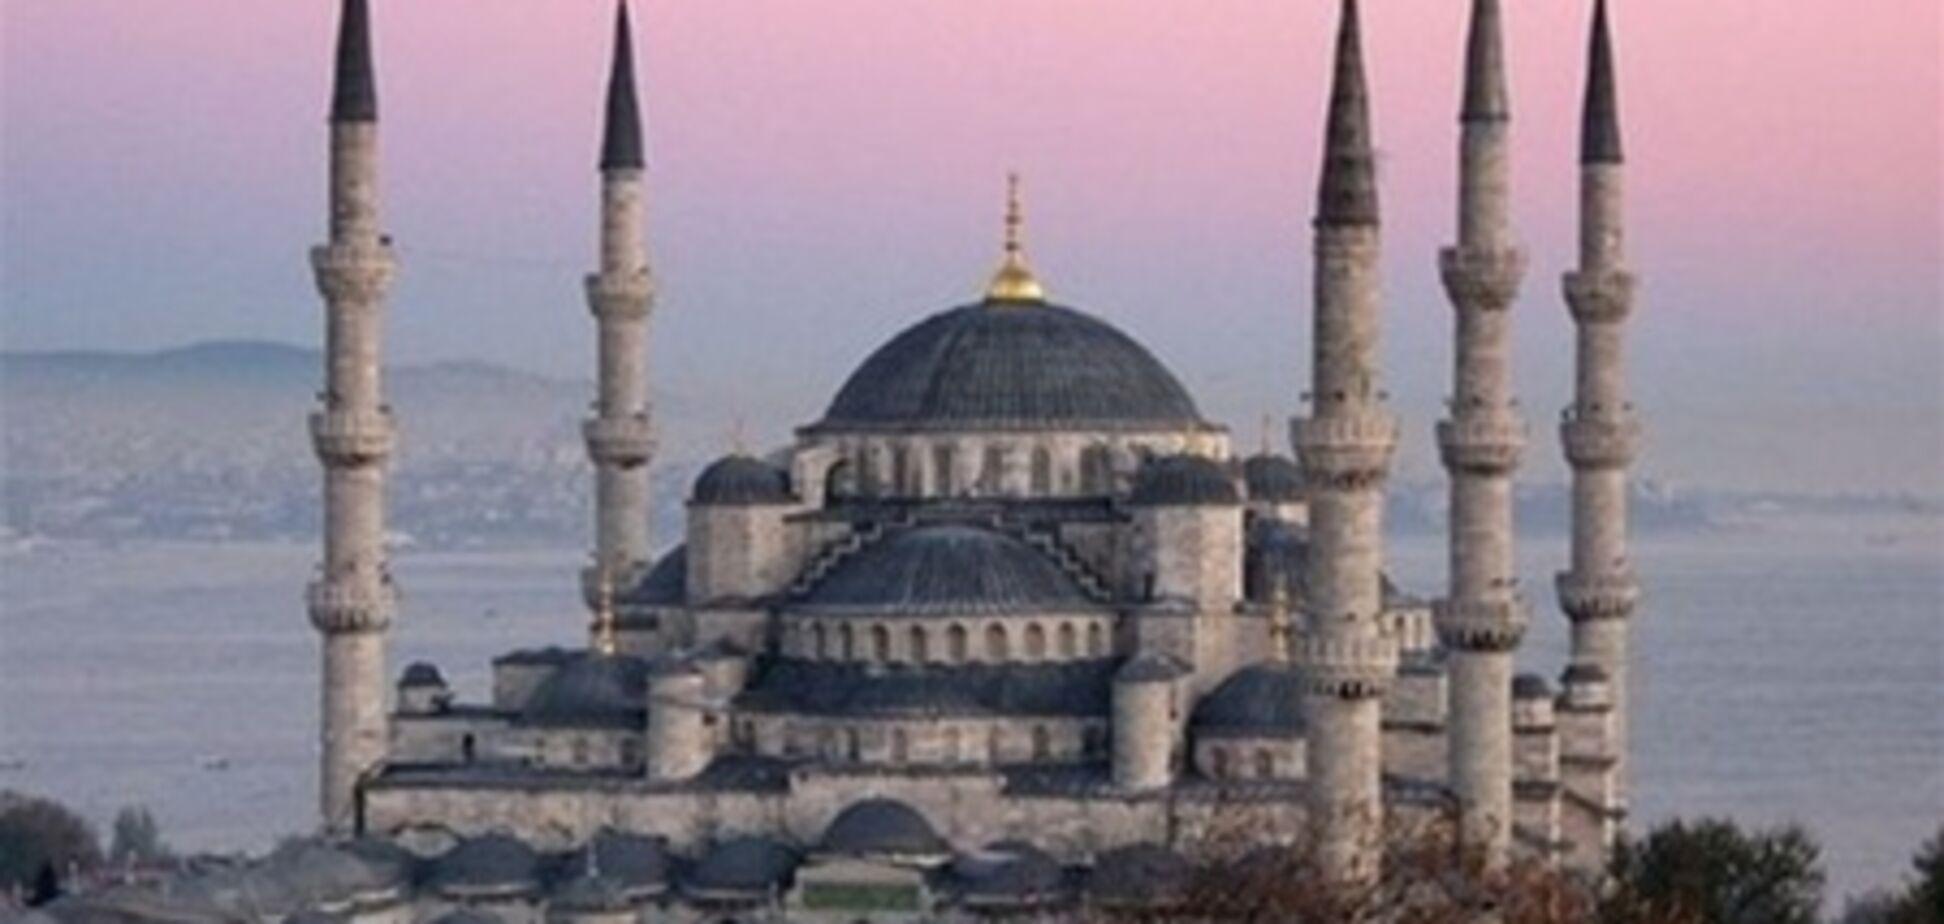 Недвижимость в Турции может подорожать - эксперты